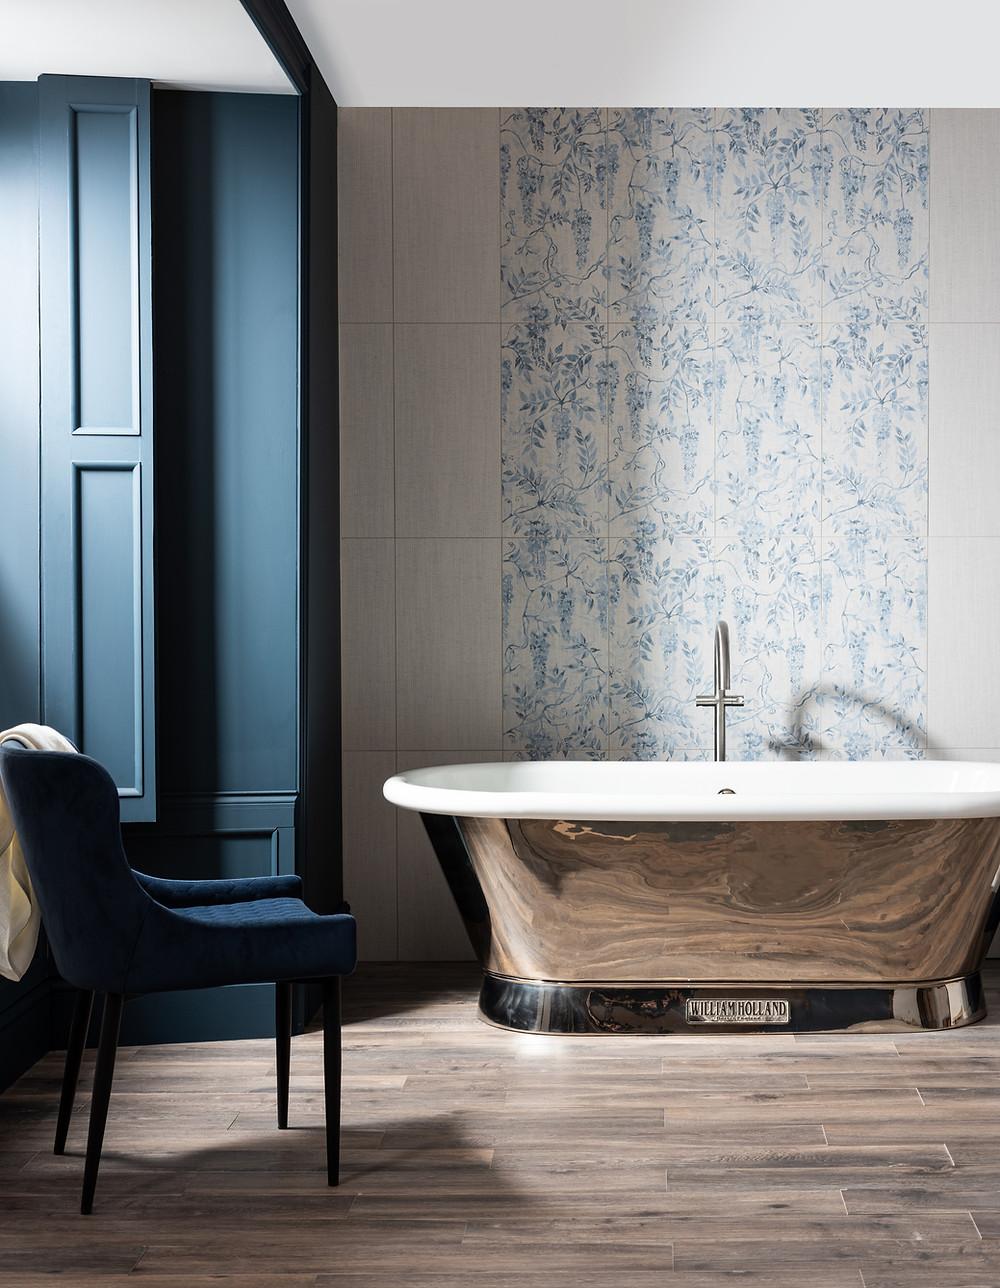 style and form interior design blog, light floral tiles, bathroom design